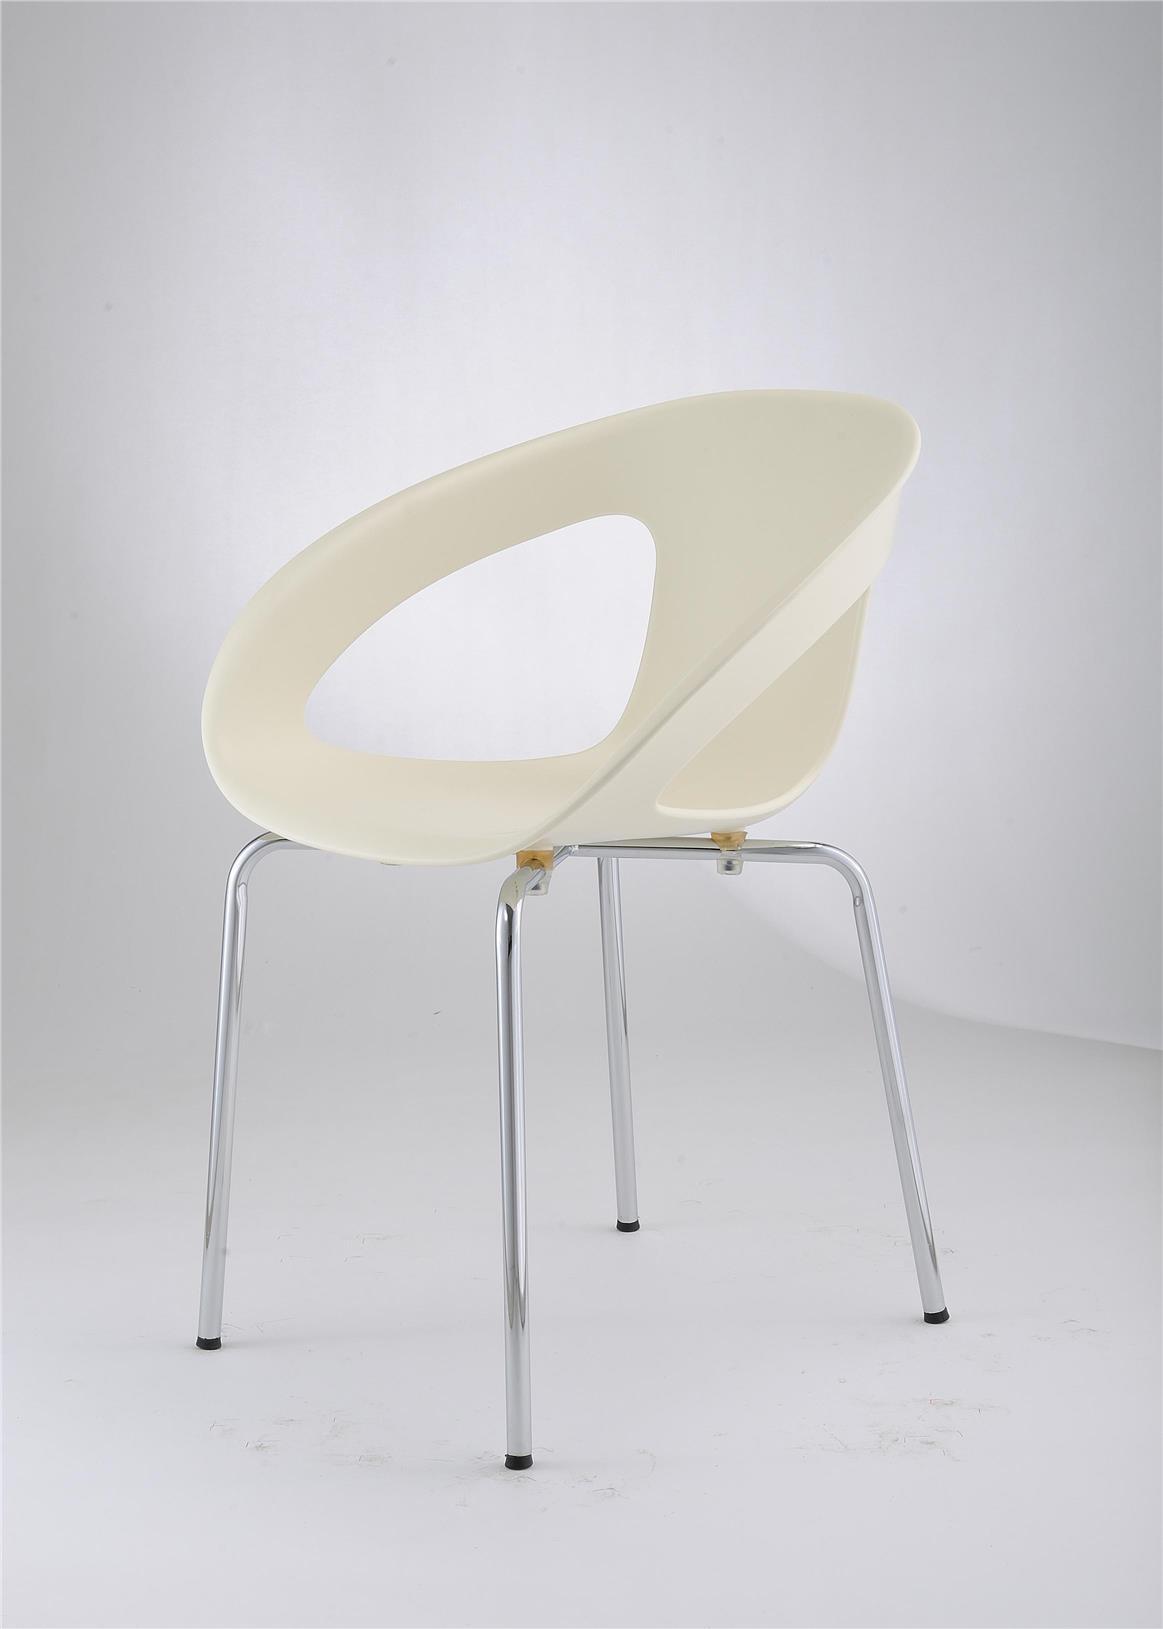 bar stool chair malaysia fabric side chairs designer restaurant furnitu end 11 1 2018 15 am